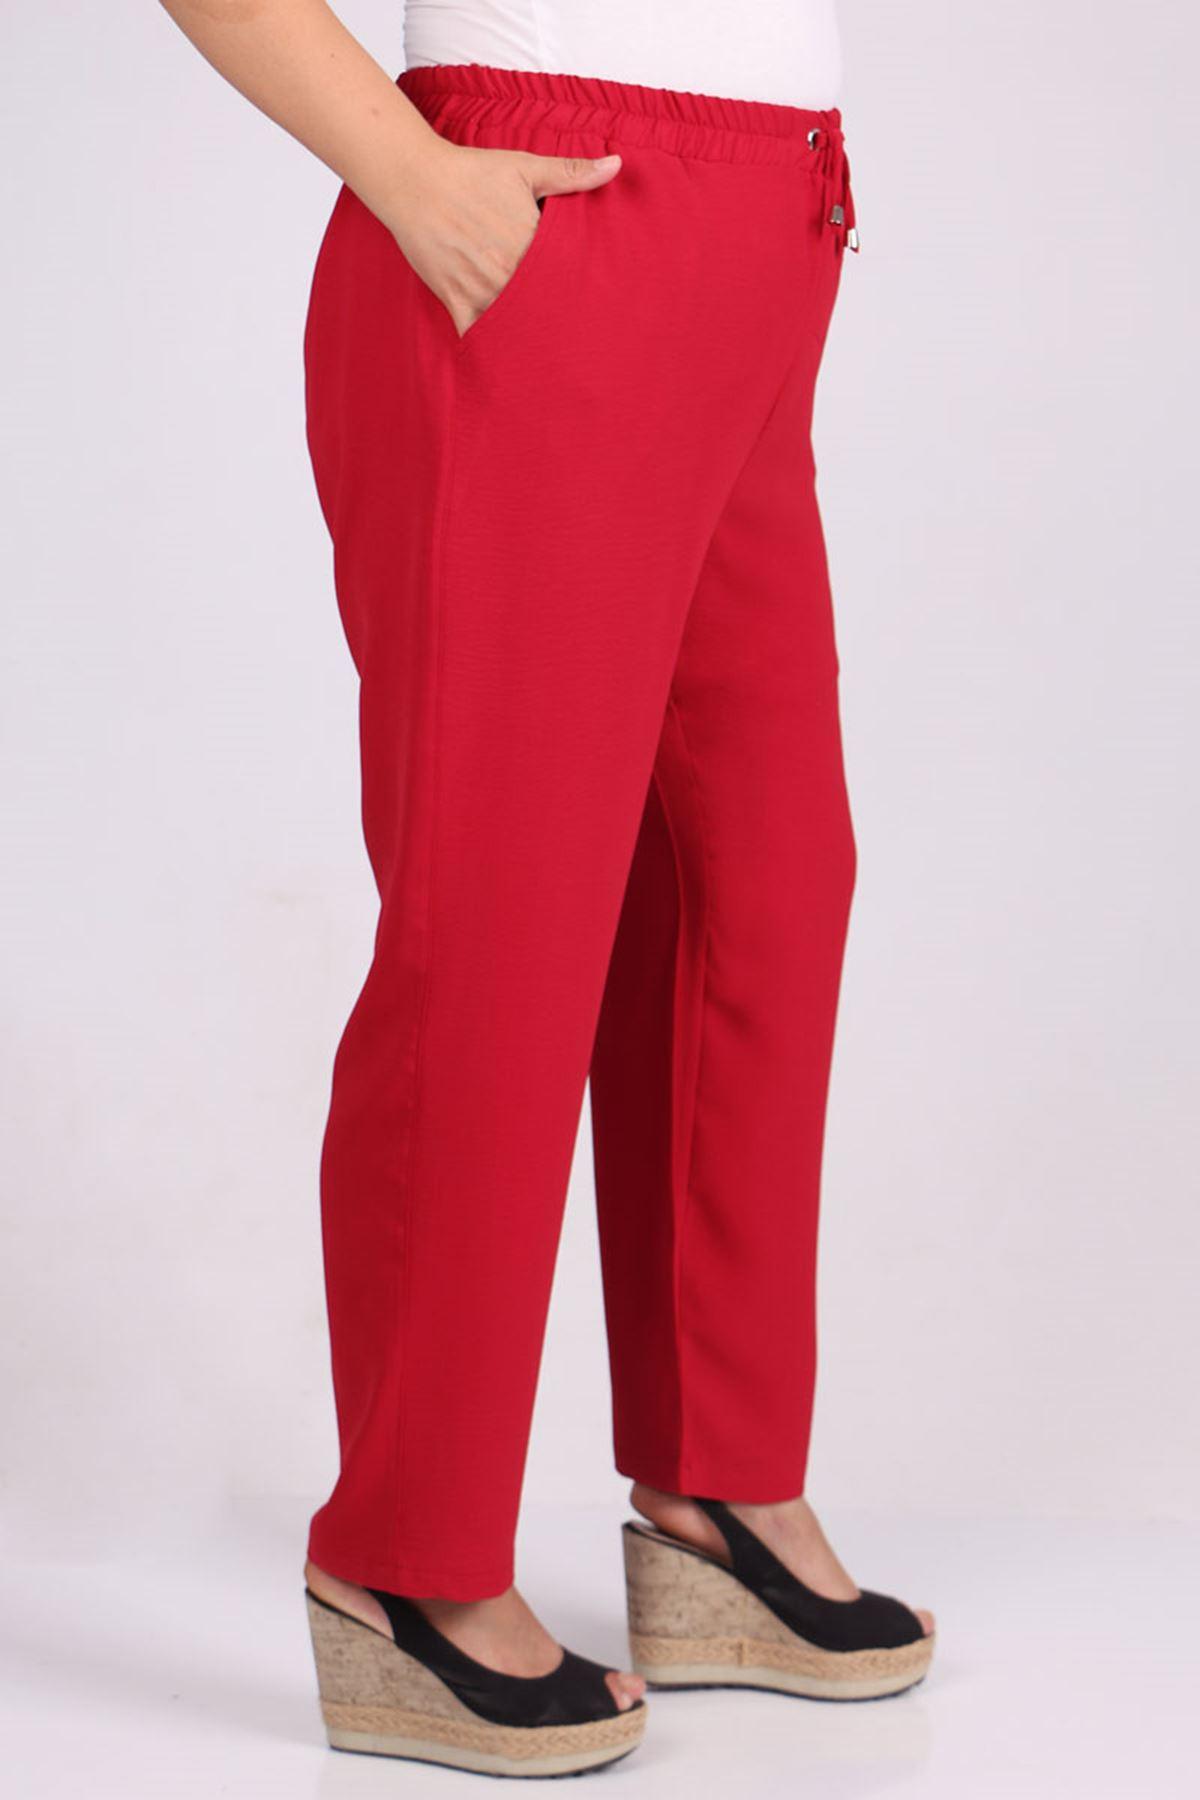 9161 Büyük Beden Lastikli Airobin Dar Paça Pantolon - Kırmızı